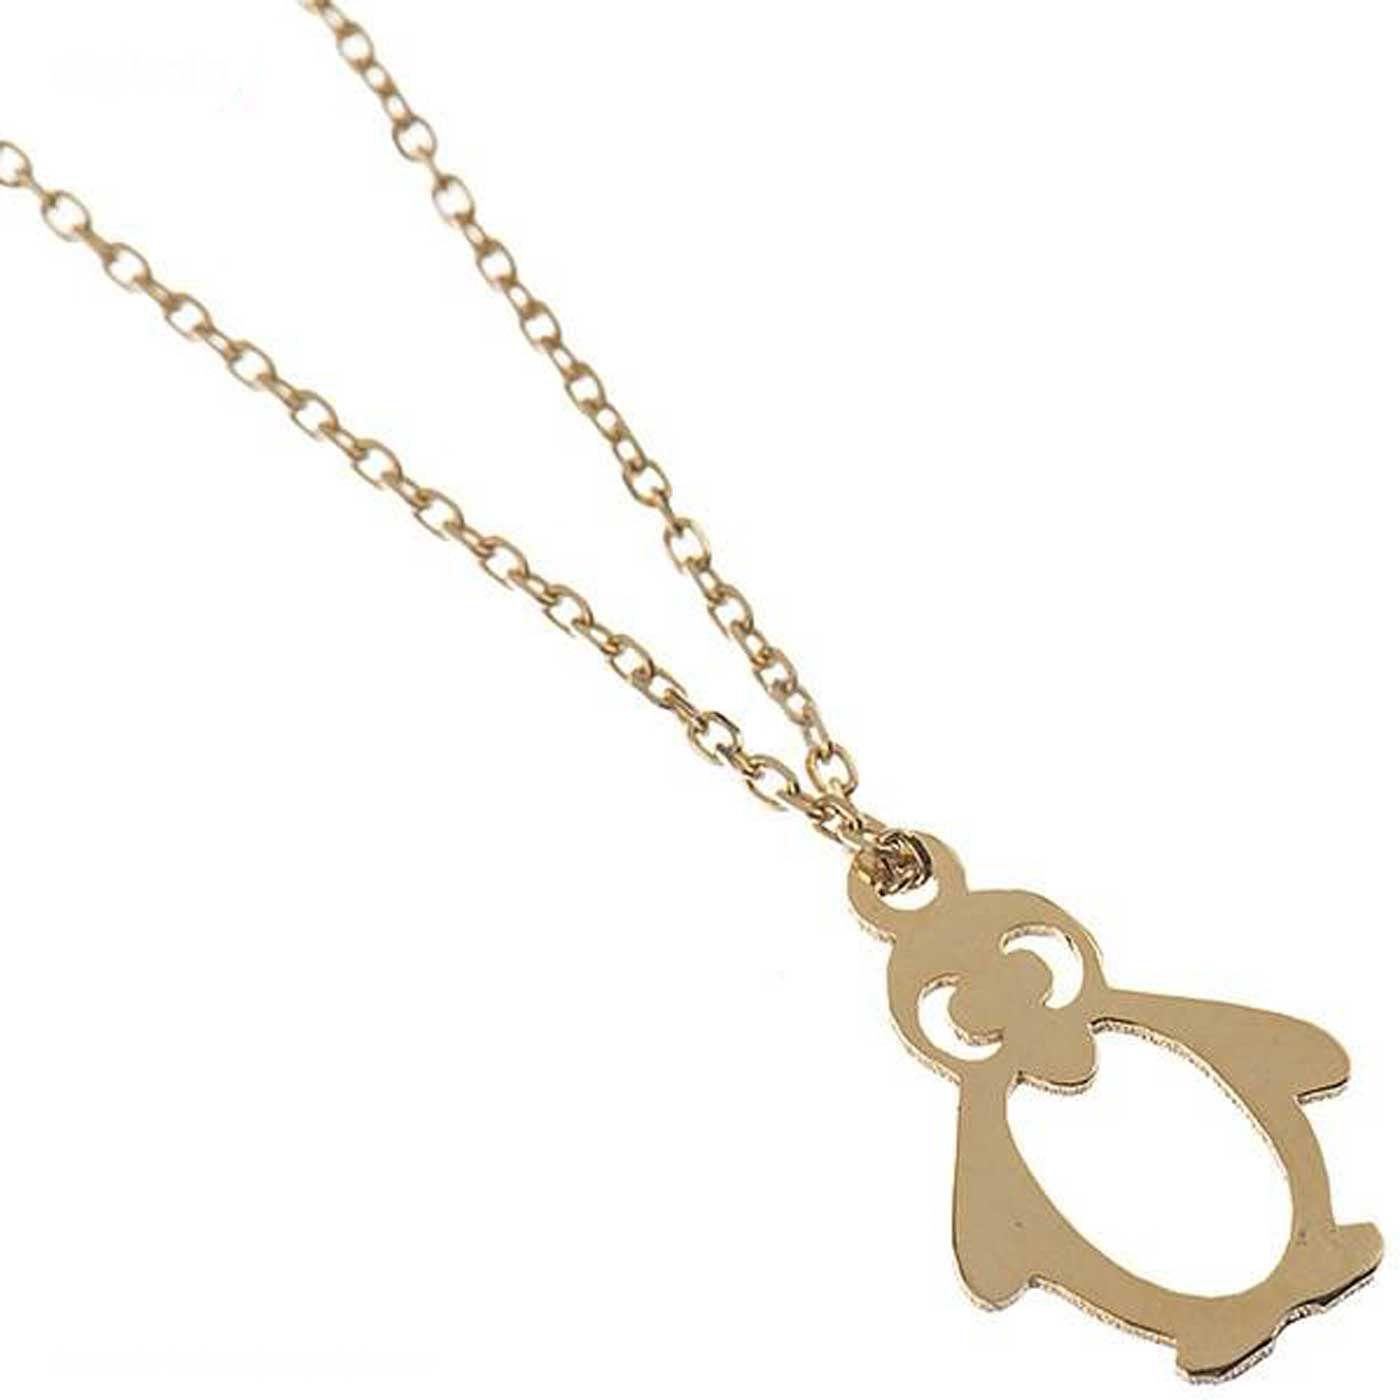 آویز ساعت طلا 18 عیار زنانه کانیار گالری کد AS57 -  - 2